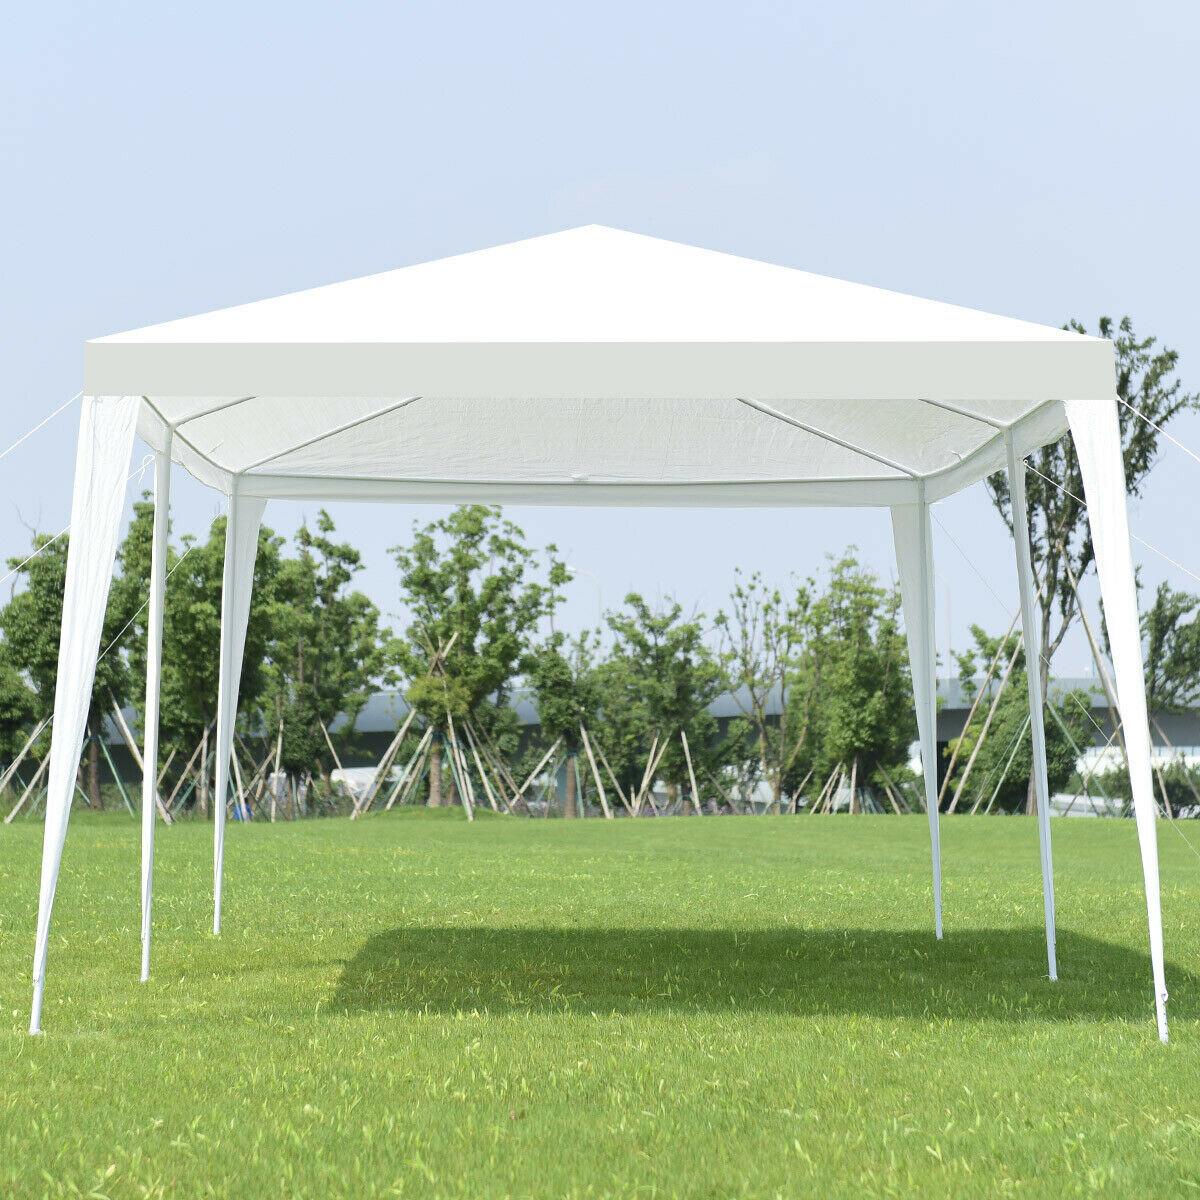 Construction Pergola Bois Plan 20 ft. w x 10 ft. d steel party tent